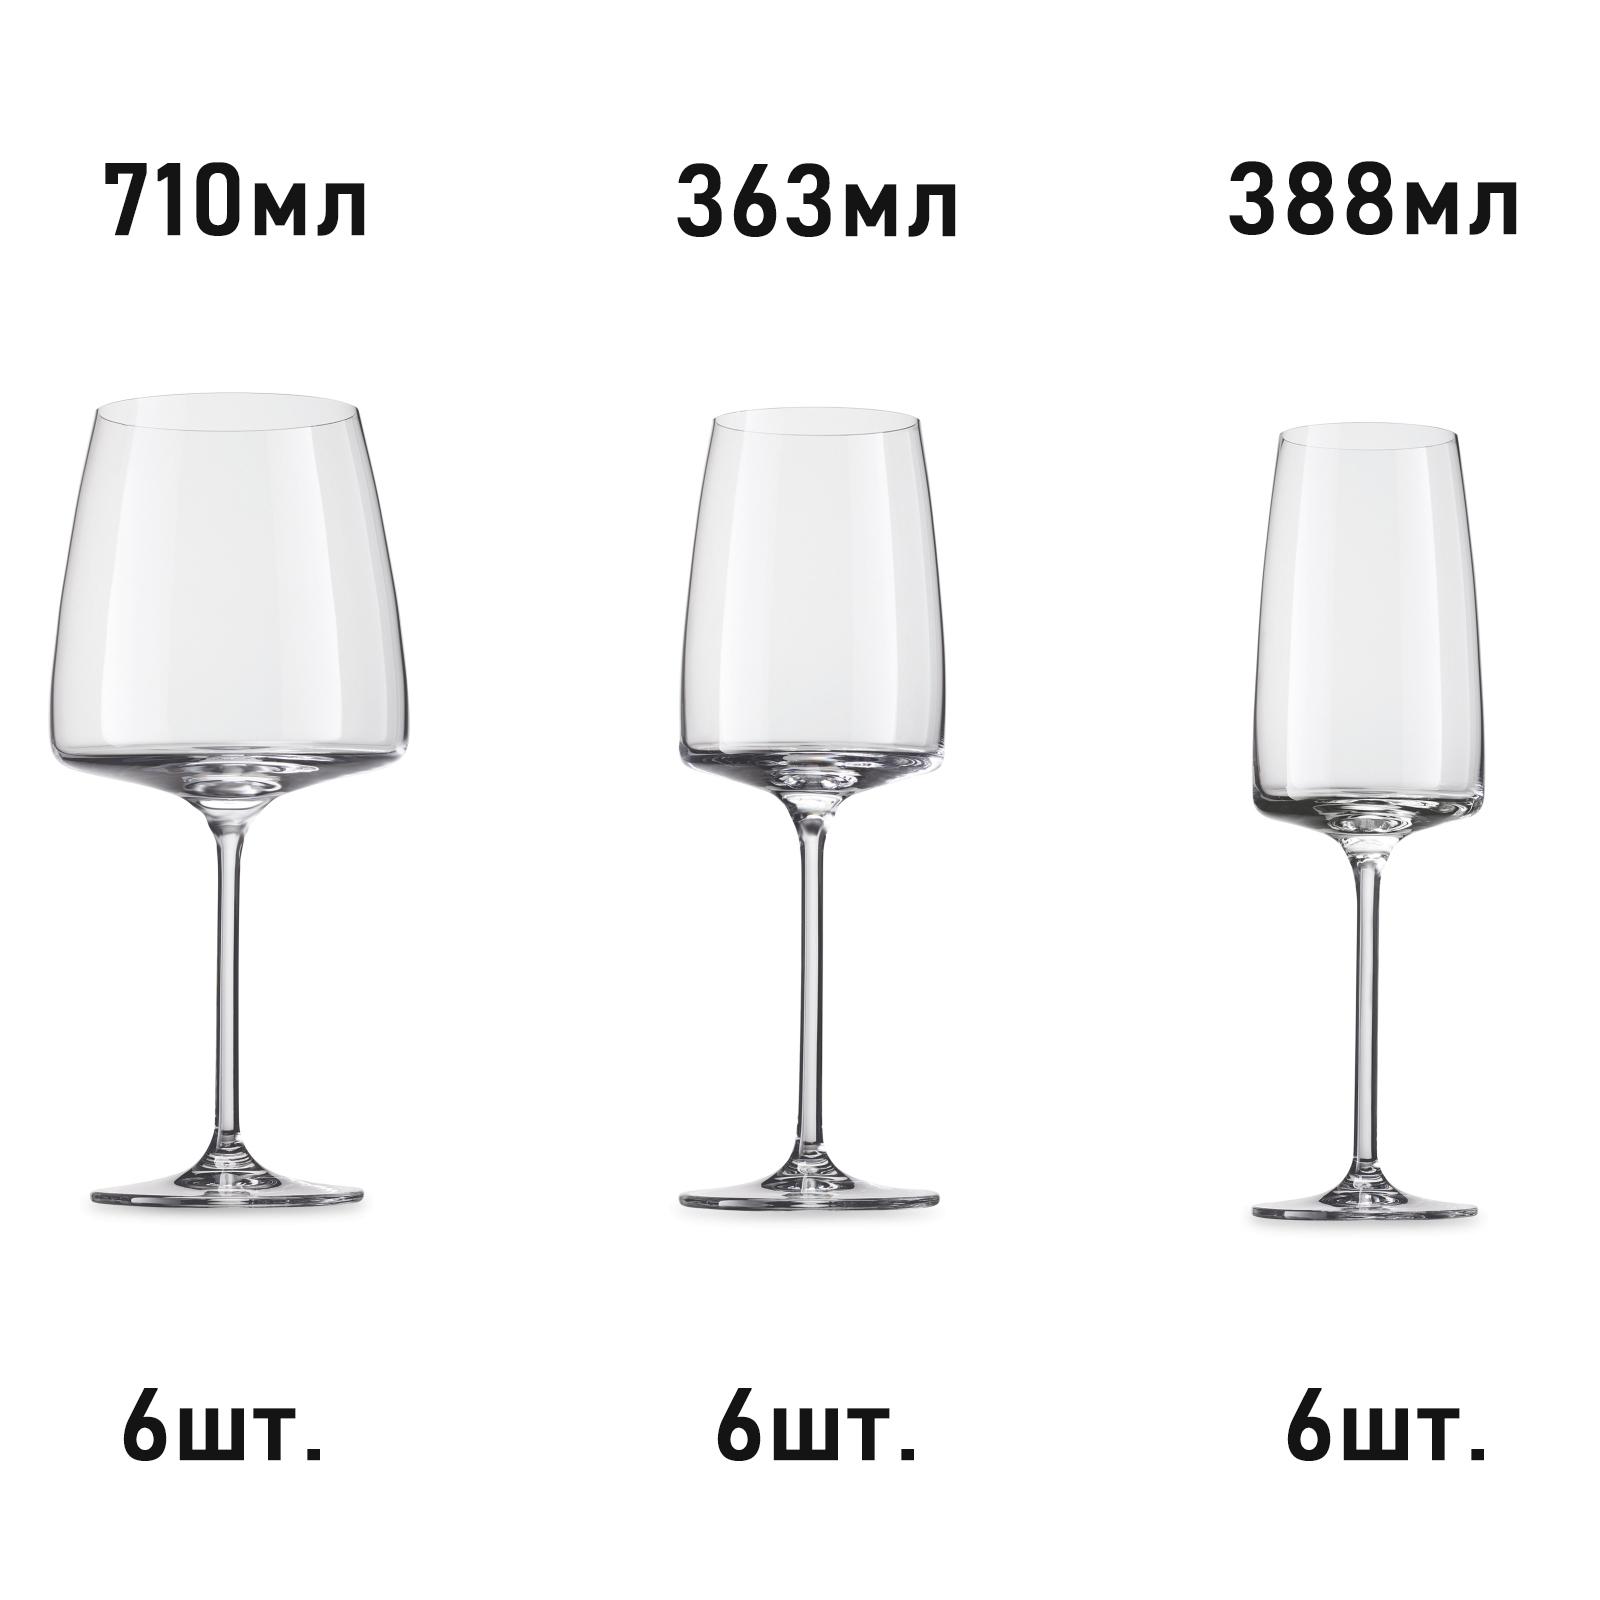 Комплект из 3 наборов по 6 бокалов SCHOTT ZWIESEL Sensa